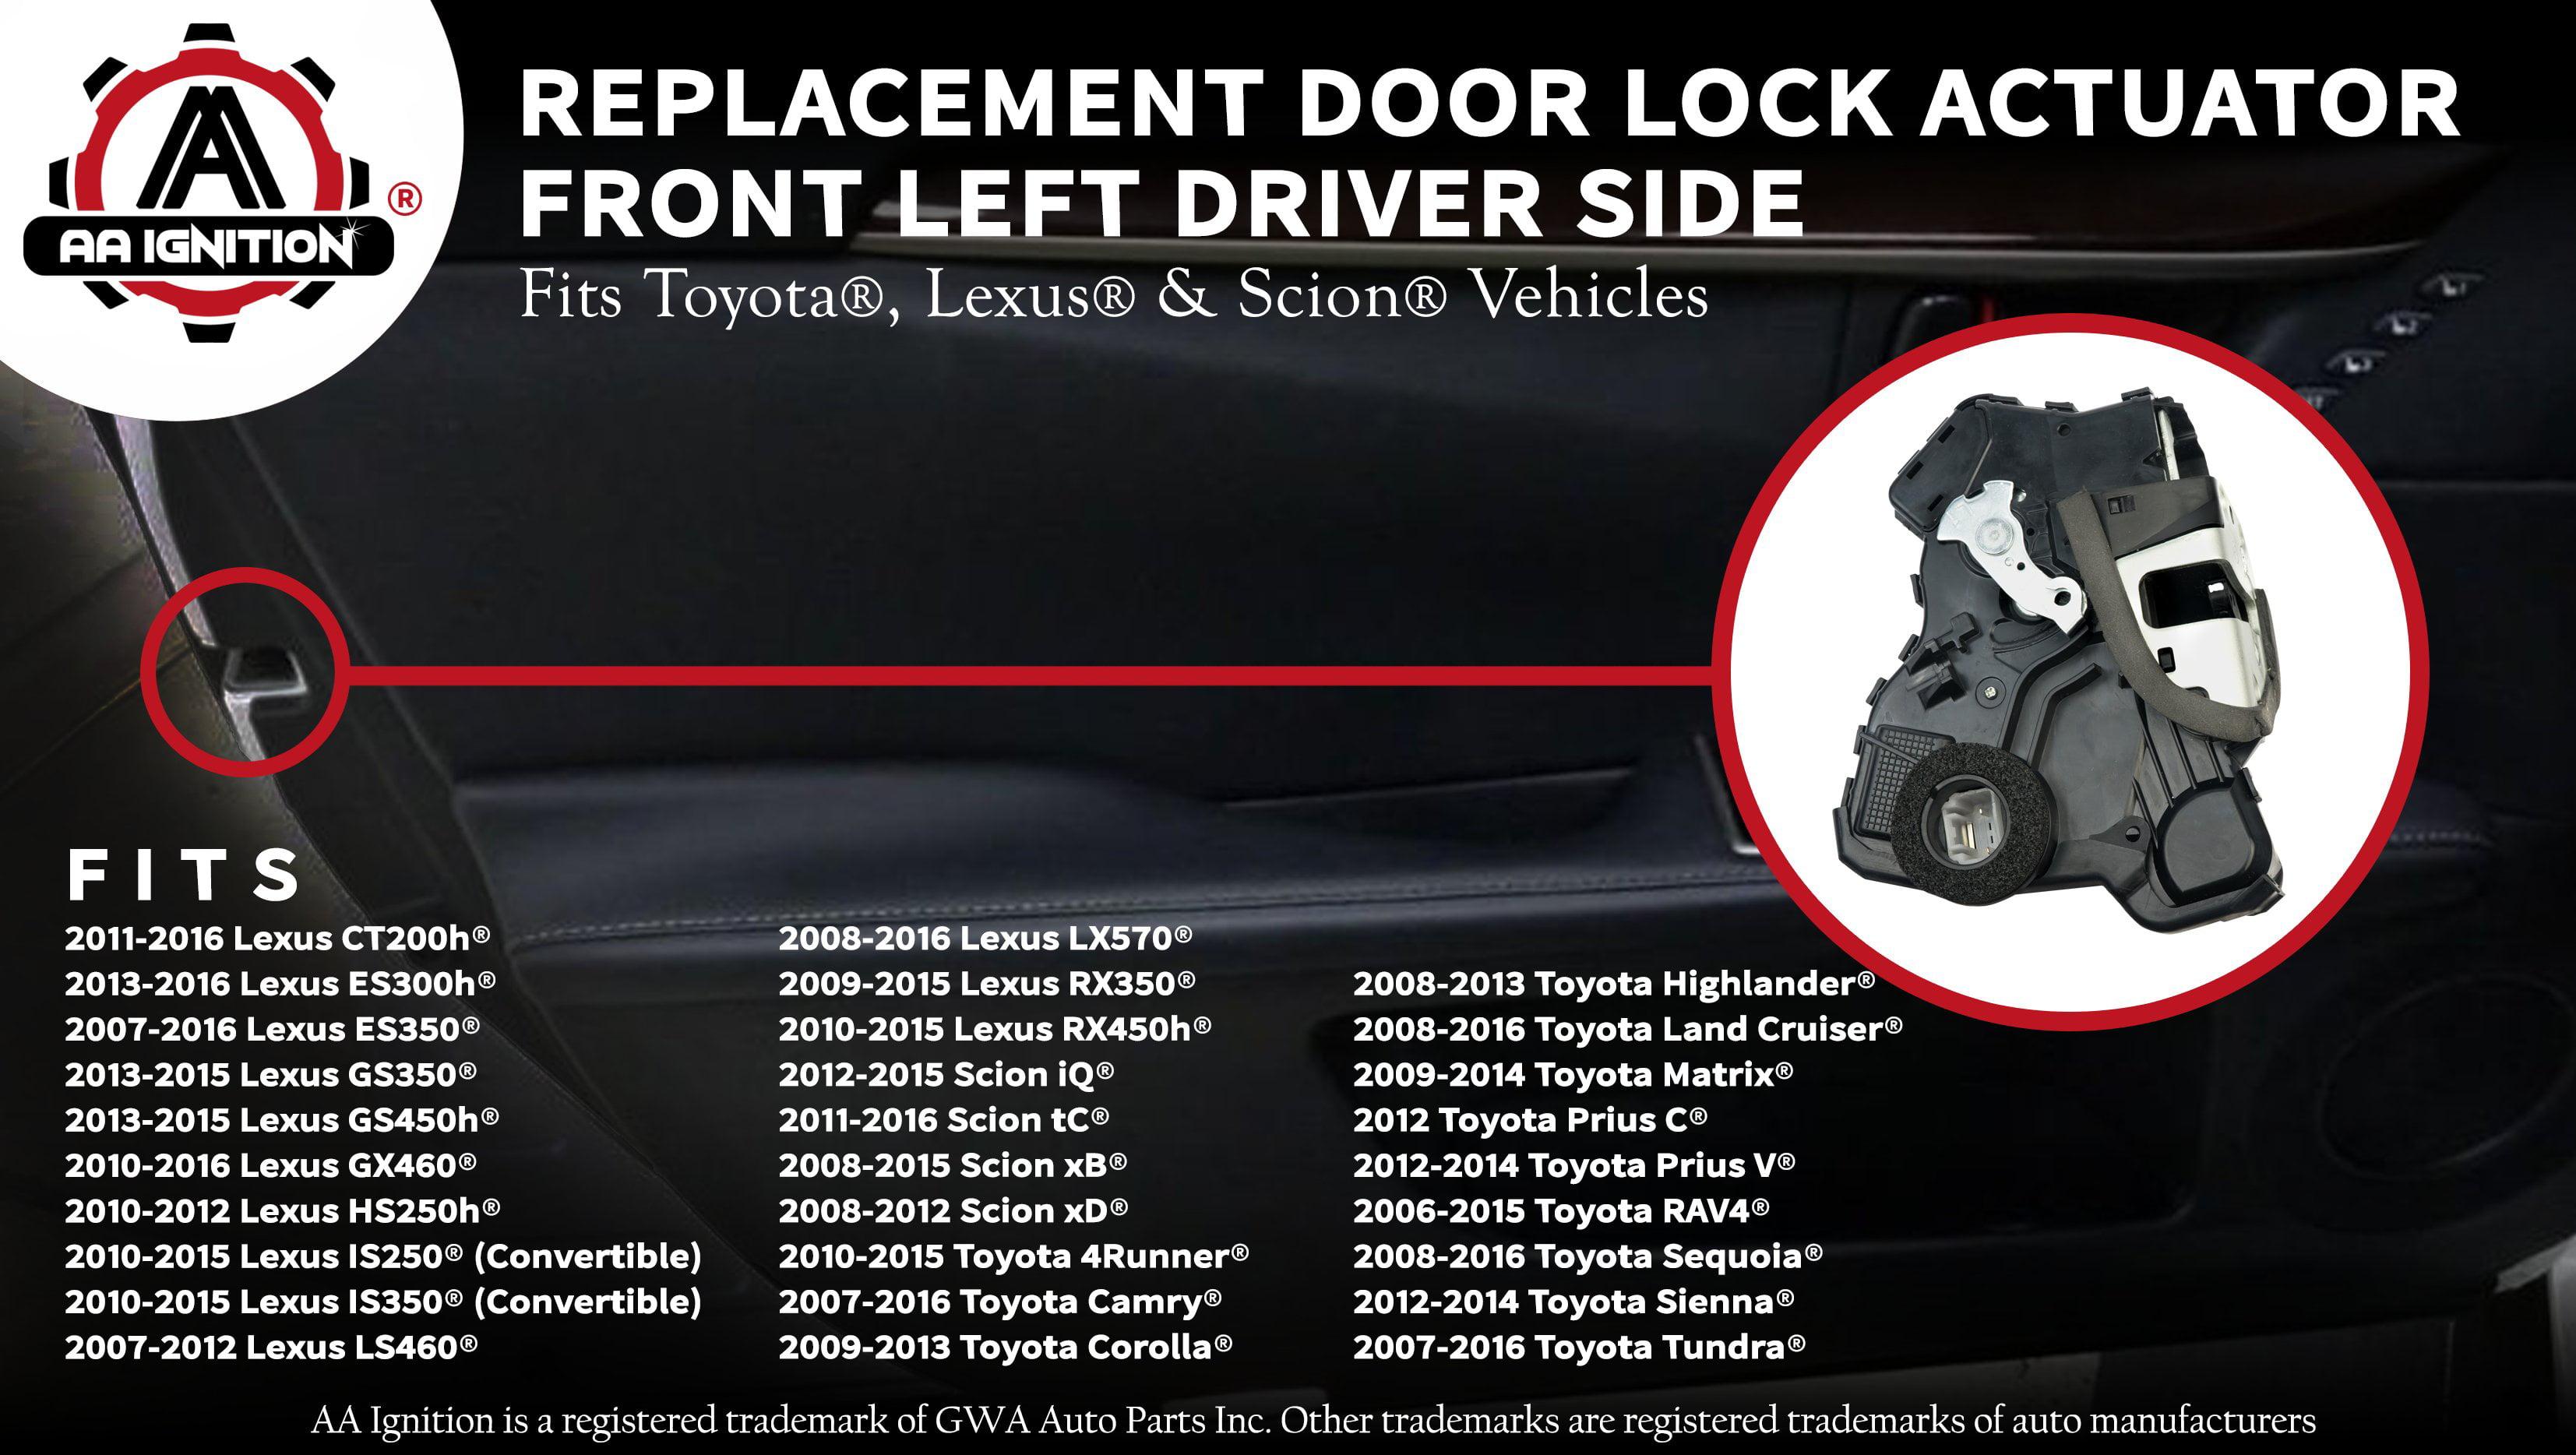 Door Lock Actuators Door Front Left for Toyota Prius C 2012 Prius V 2012-2015